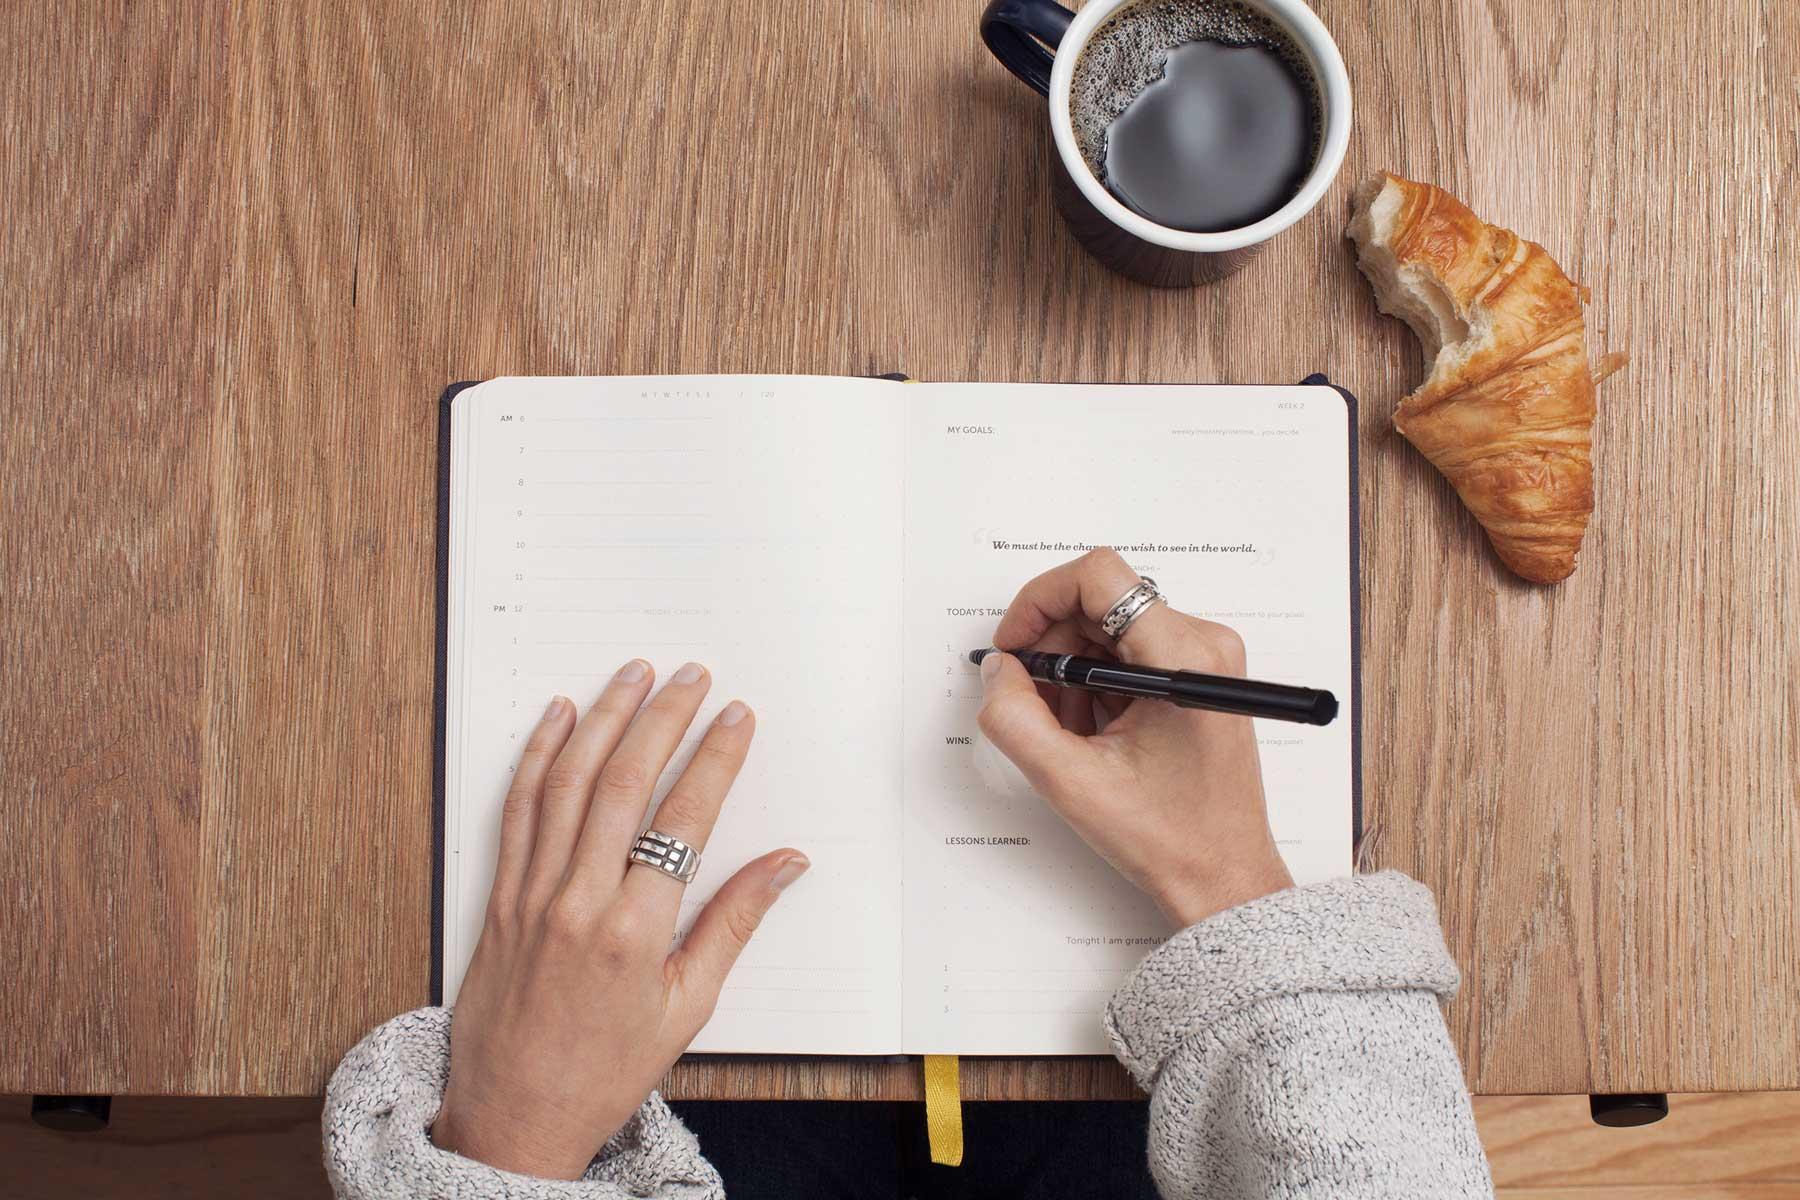 Lesson 8 - Set long medium and short term goals